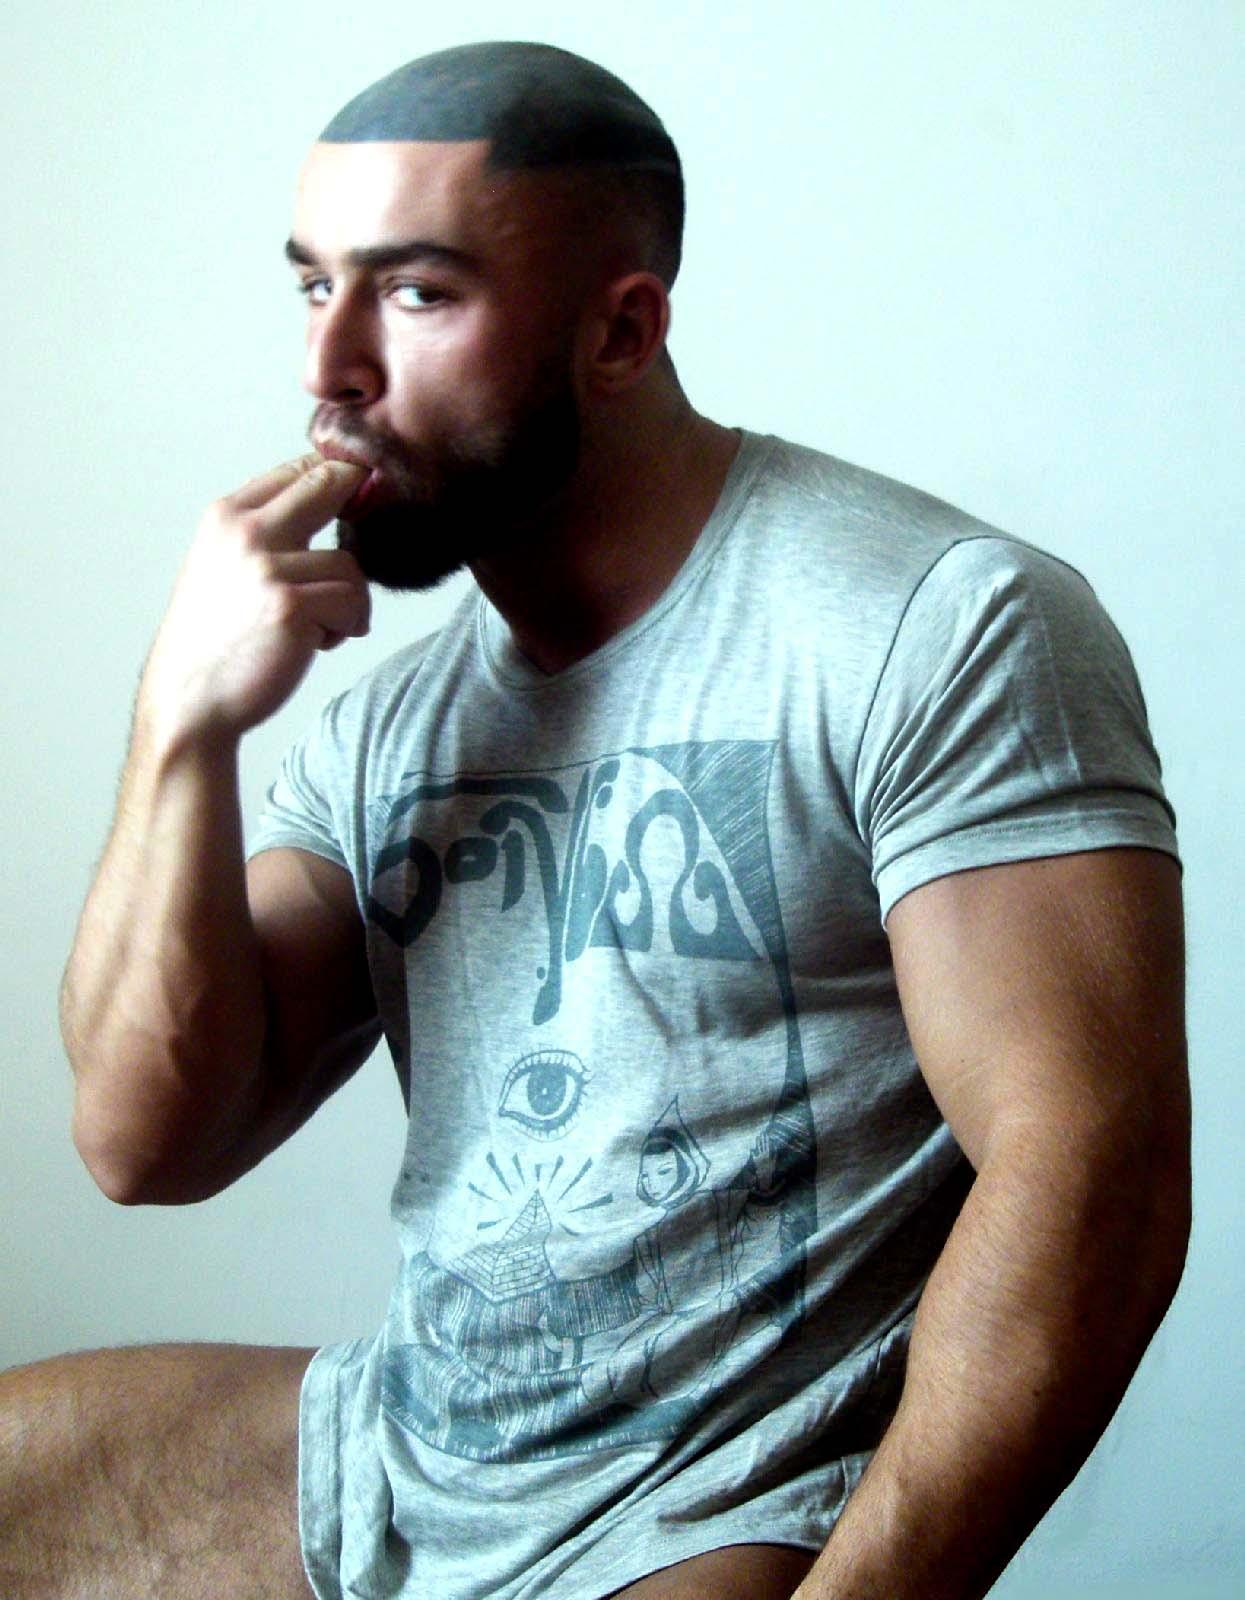 tatuaje actor. François Sagat es un fornido actor porno gay que es famoso por esconder su